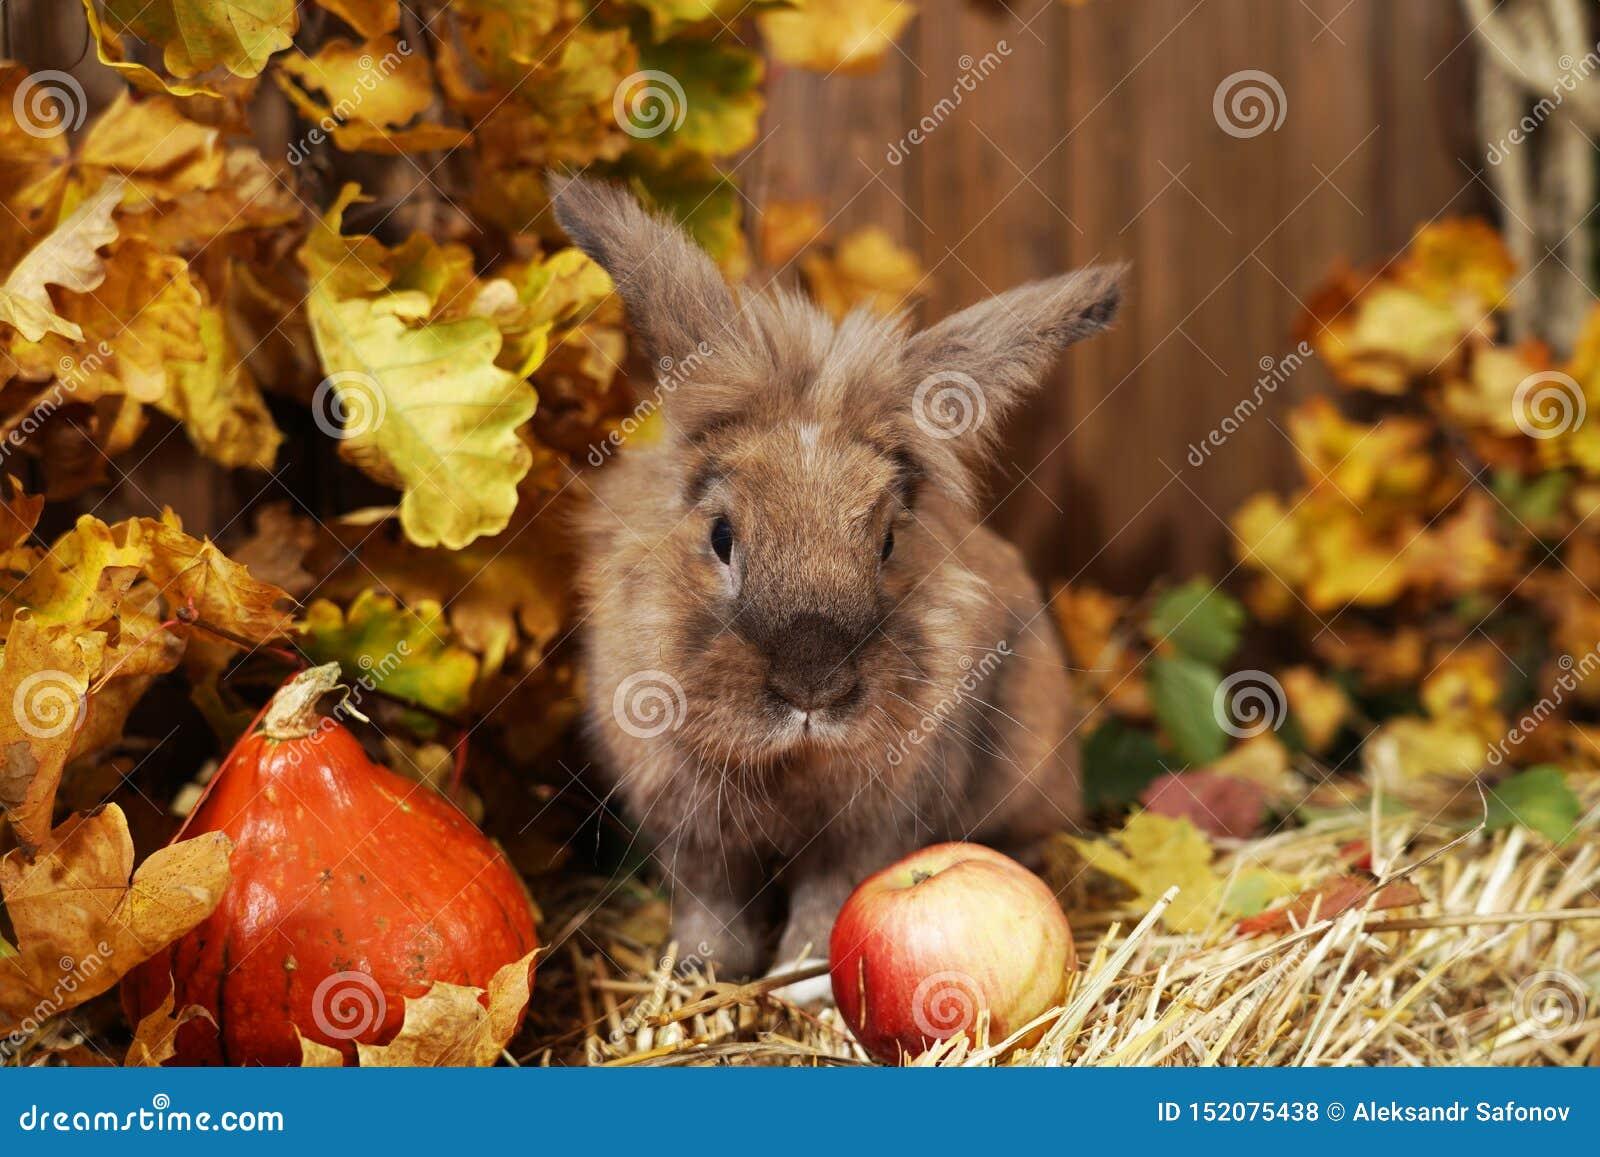 Διακοσμητικό κουνέλι στη θέση φθινοπώρου, που κάθεται σε μια θυμωνιά χόρτου του αχύρου με τα αυτιά του που αυξάνονται